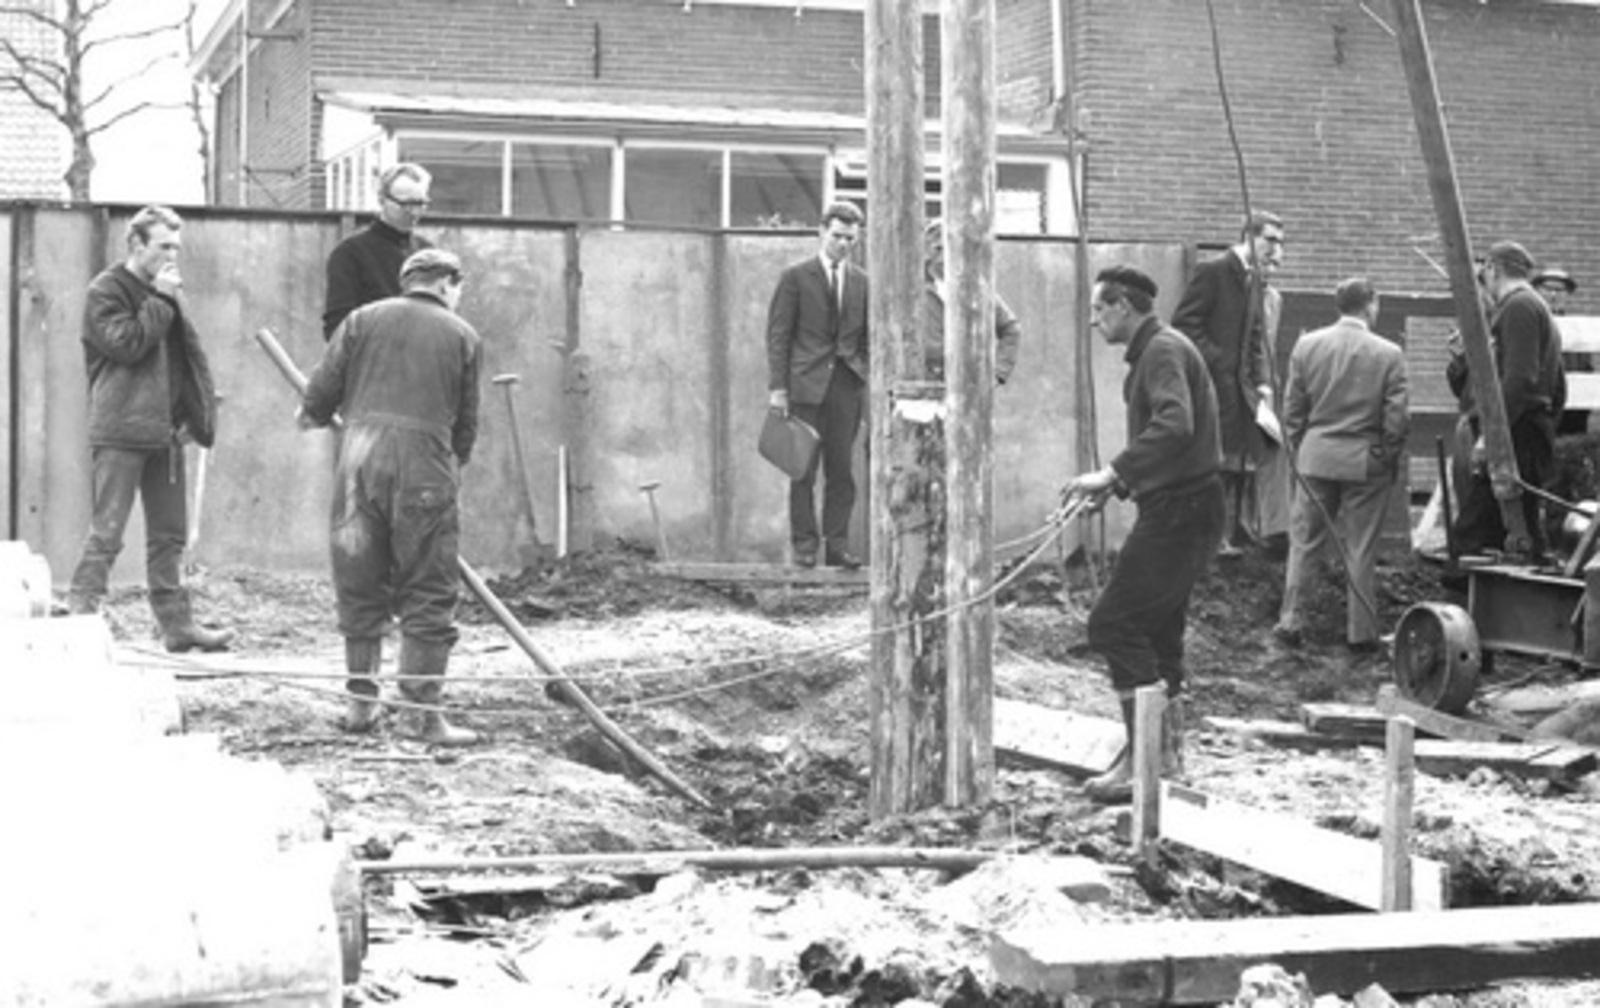 Marktlaan O 0022-24 1963 Sloop en Nieuwbouw 11